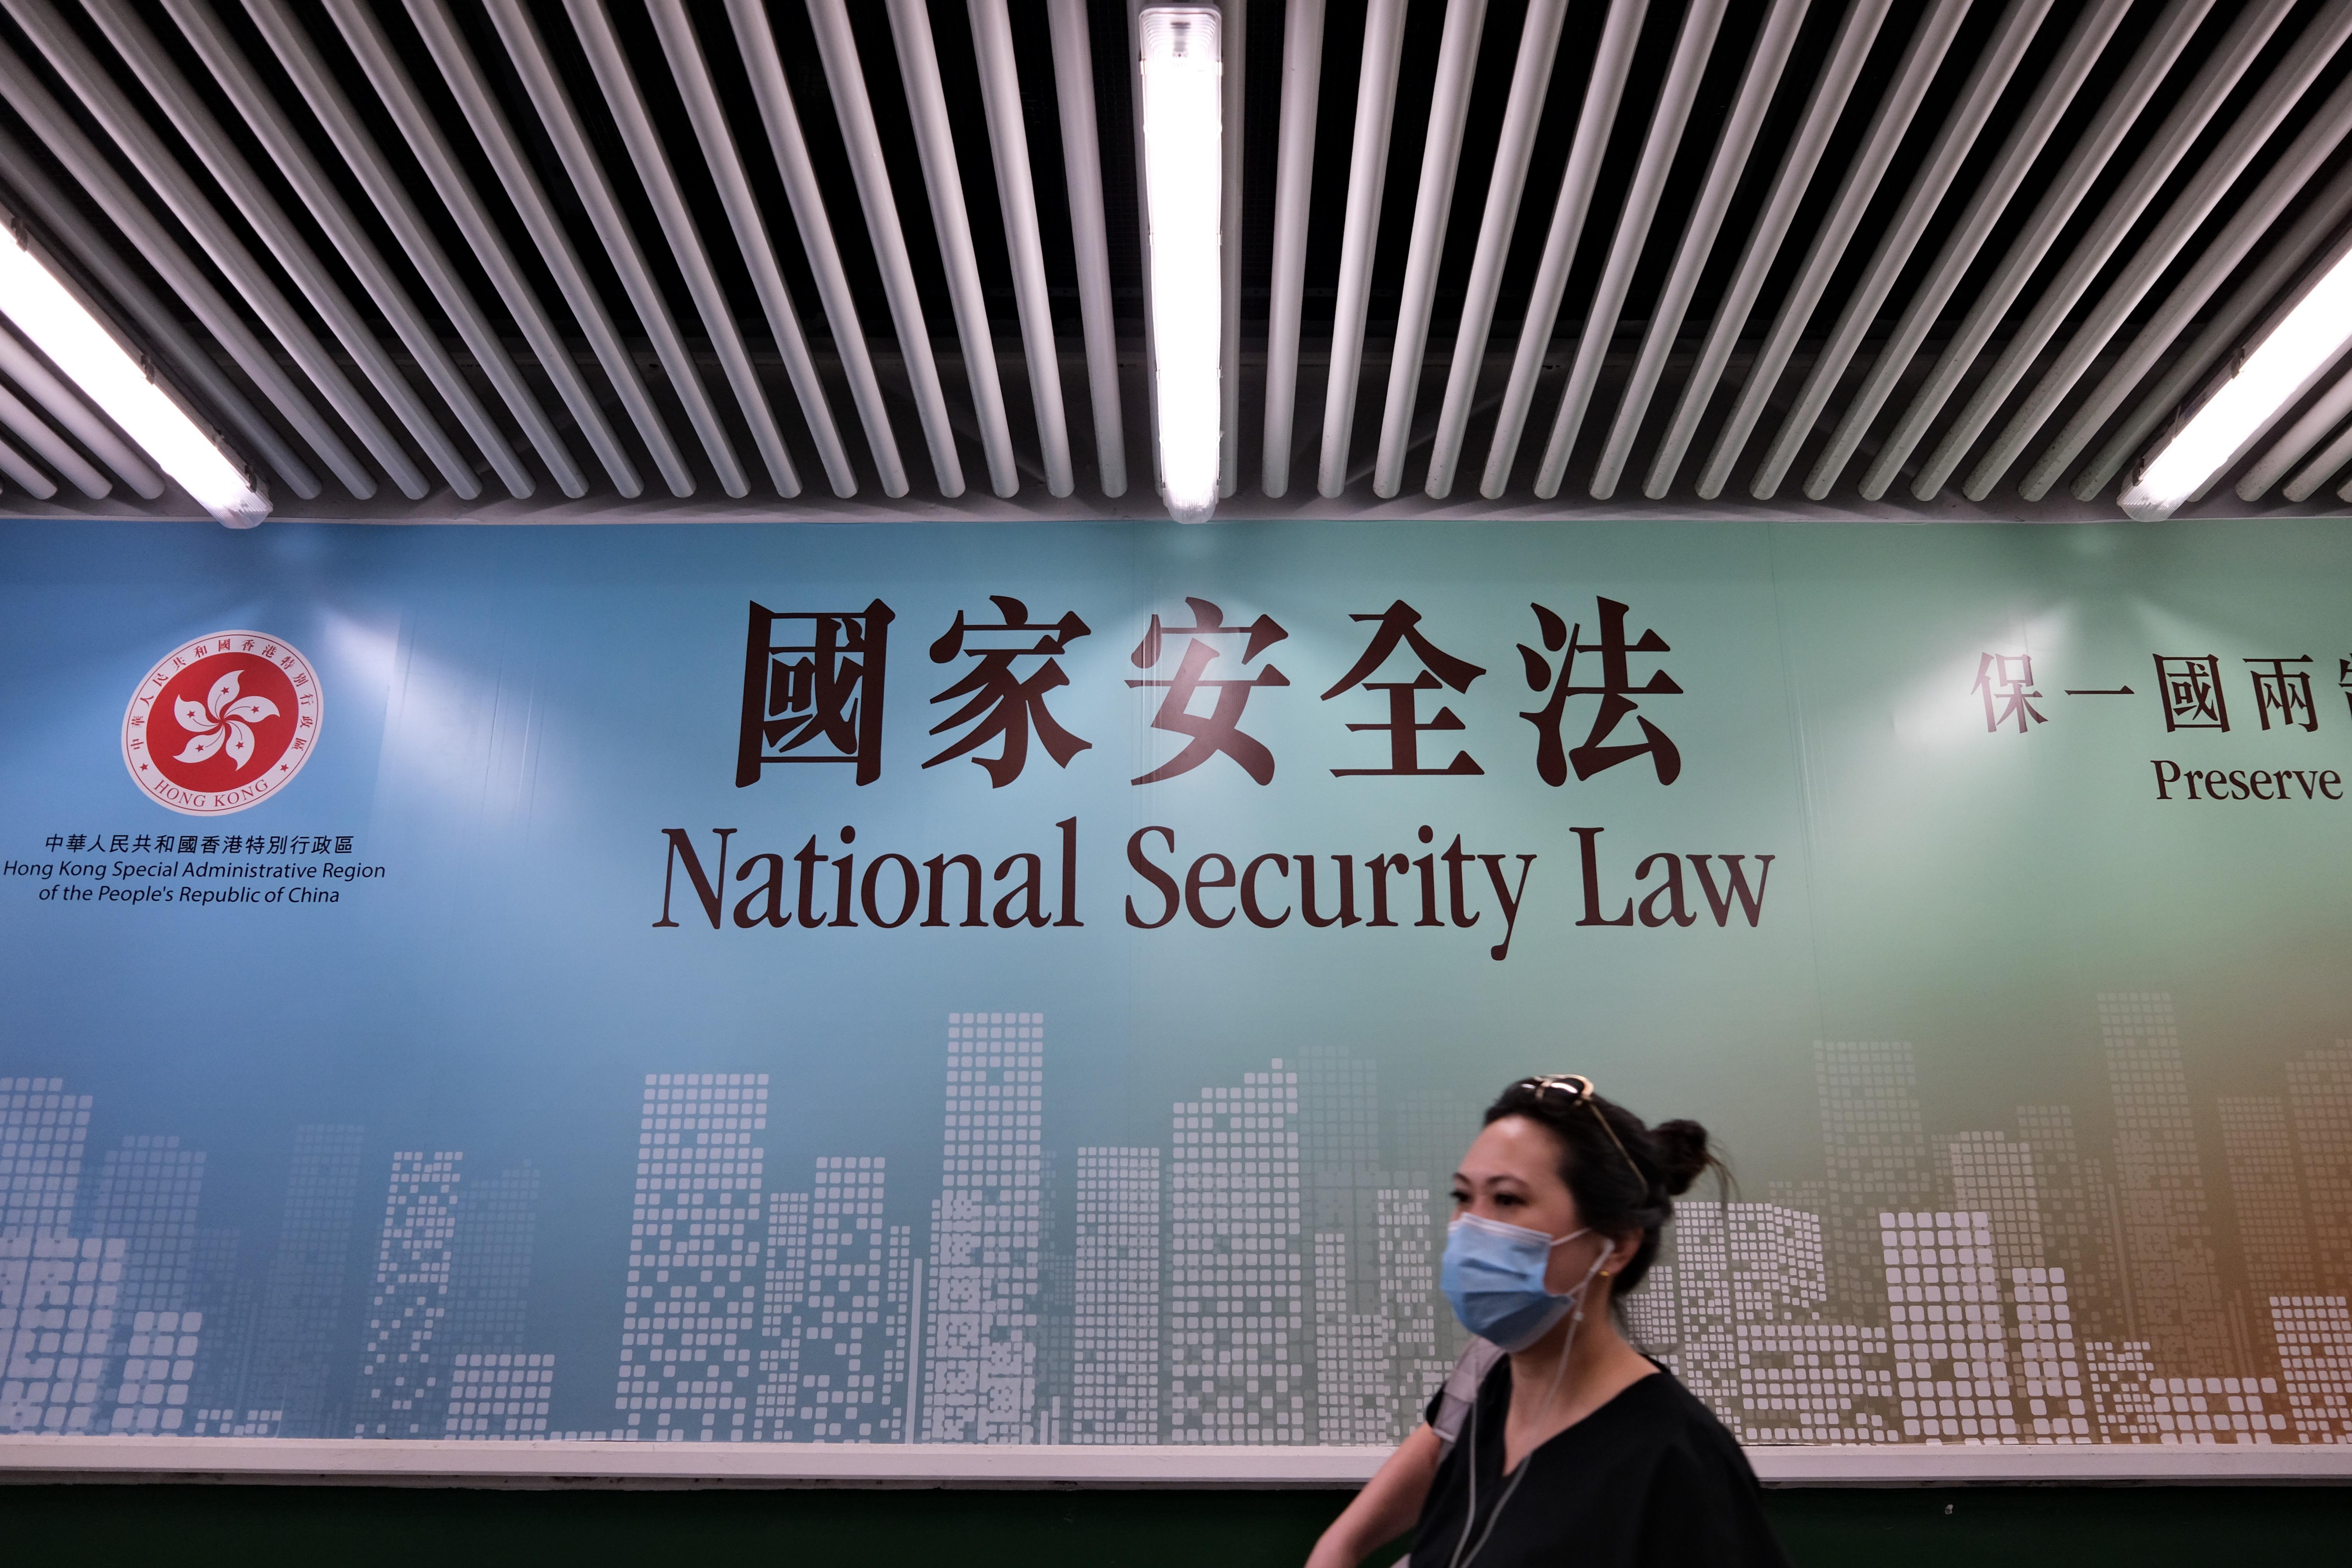 Amerika felfüggesztette a kiadatási egyezményét Hongkonggal